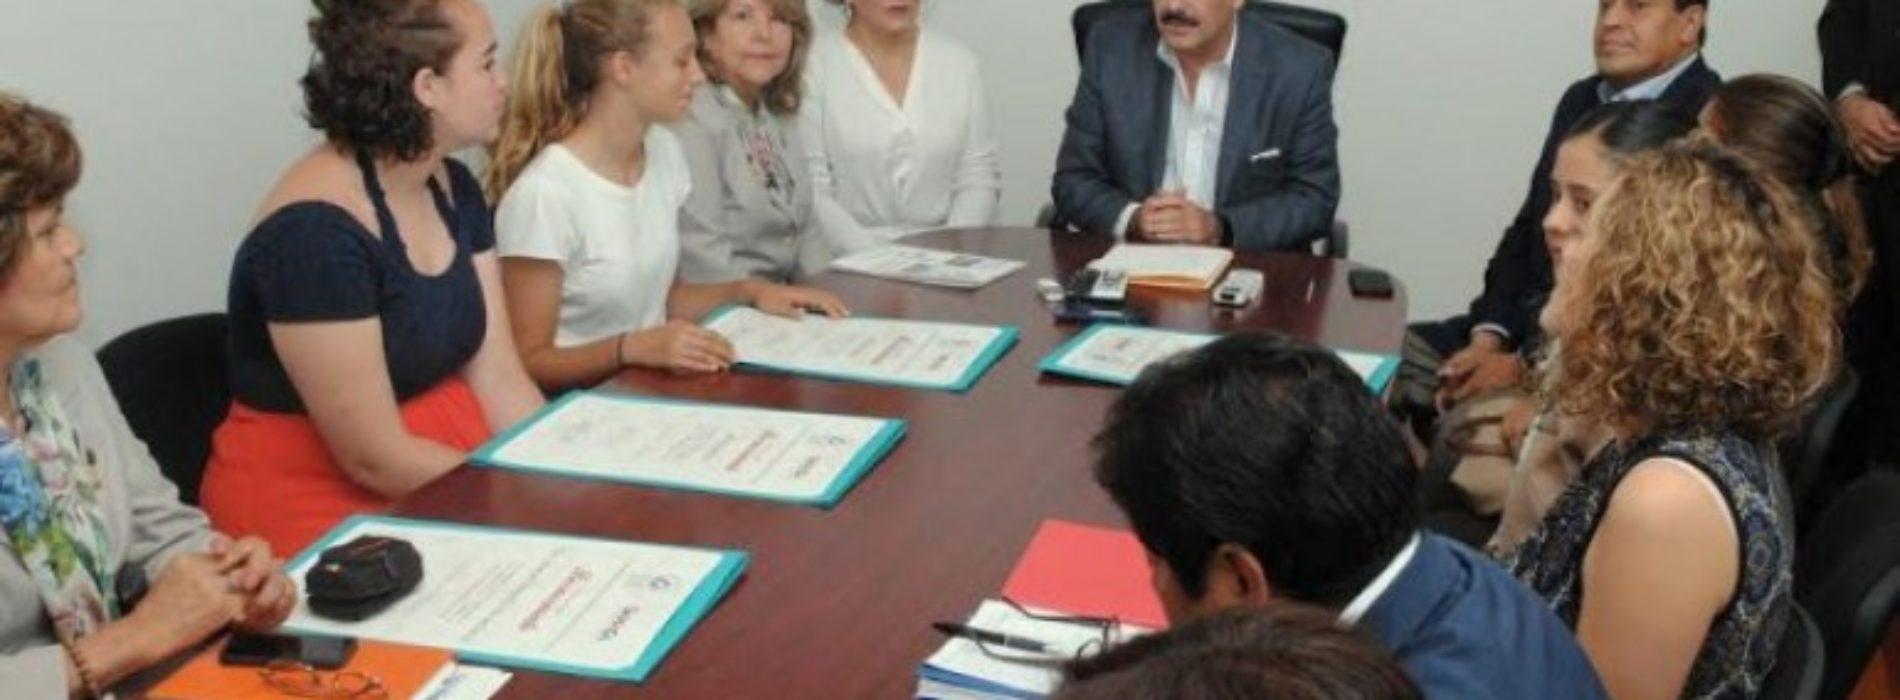 Reconoce Hernández Fraguas a estudiantes de la ciudad Palo Alto, California.